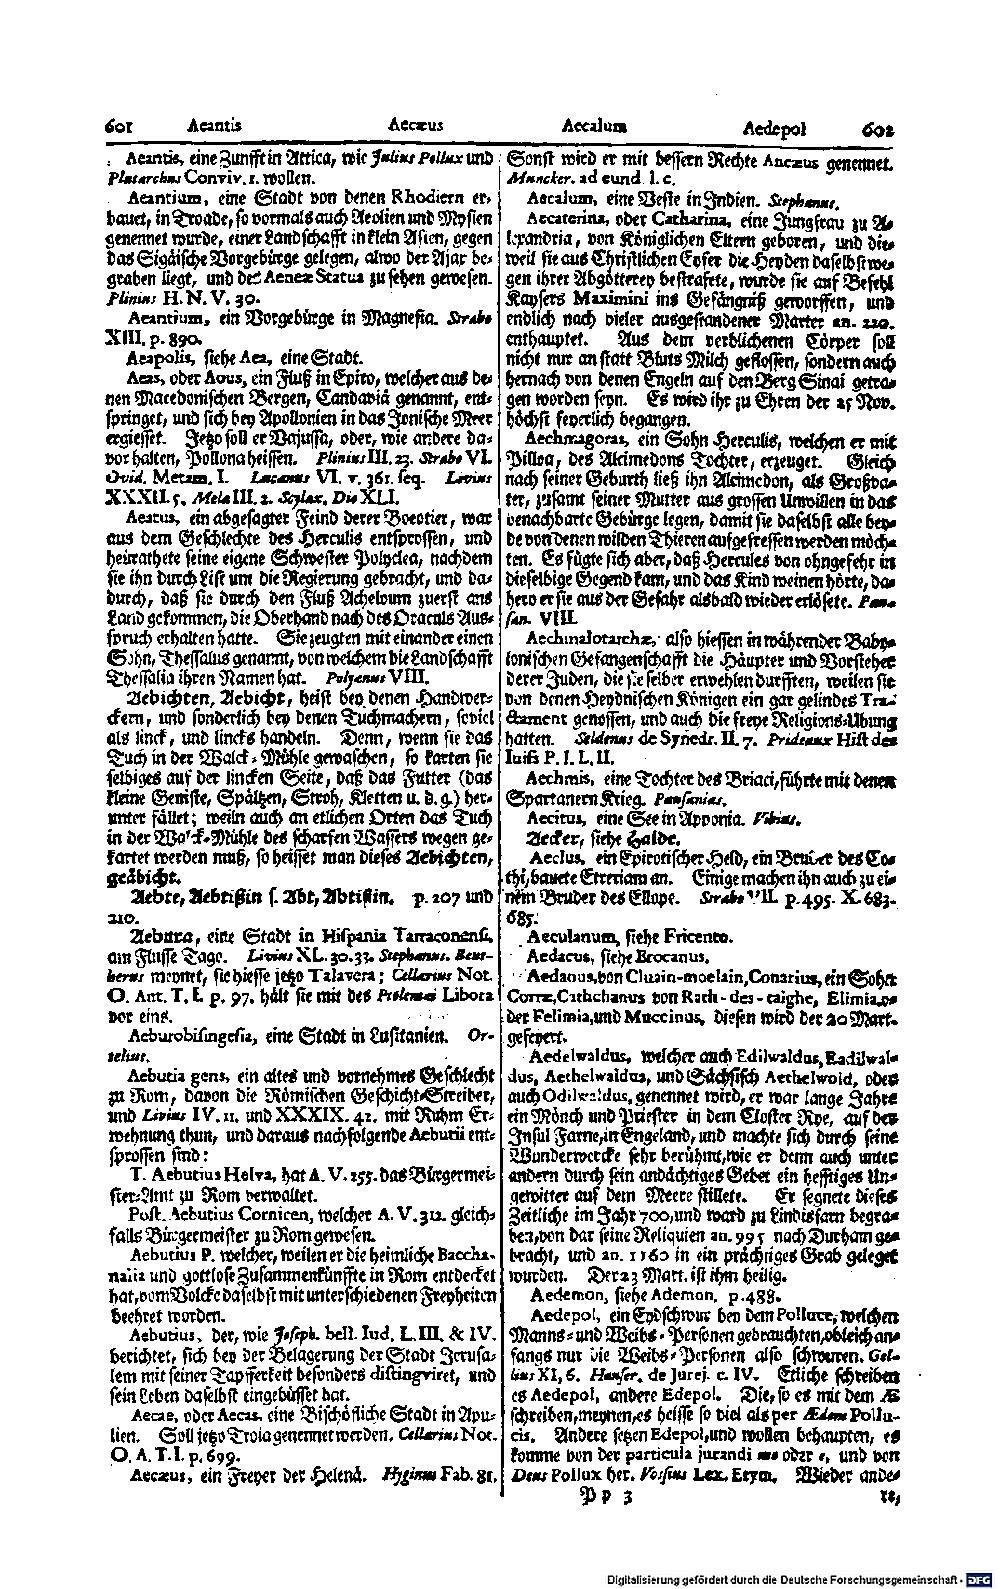 Bd. 01, Seite 0340.